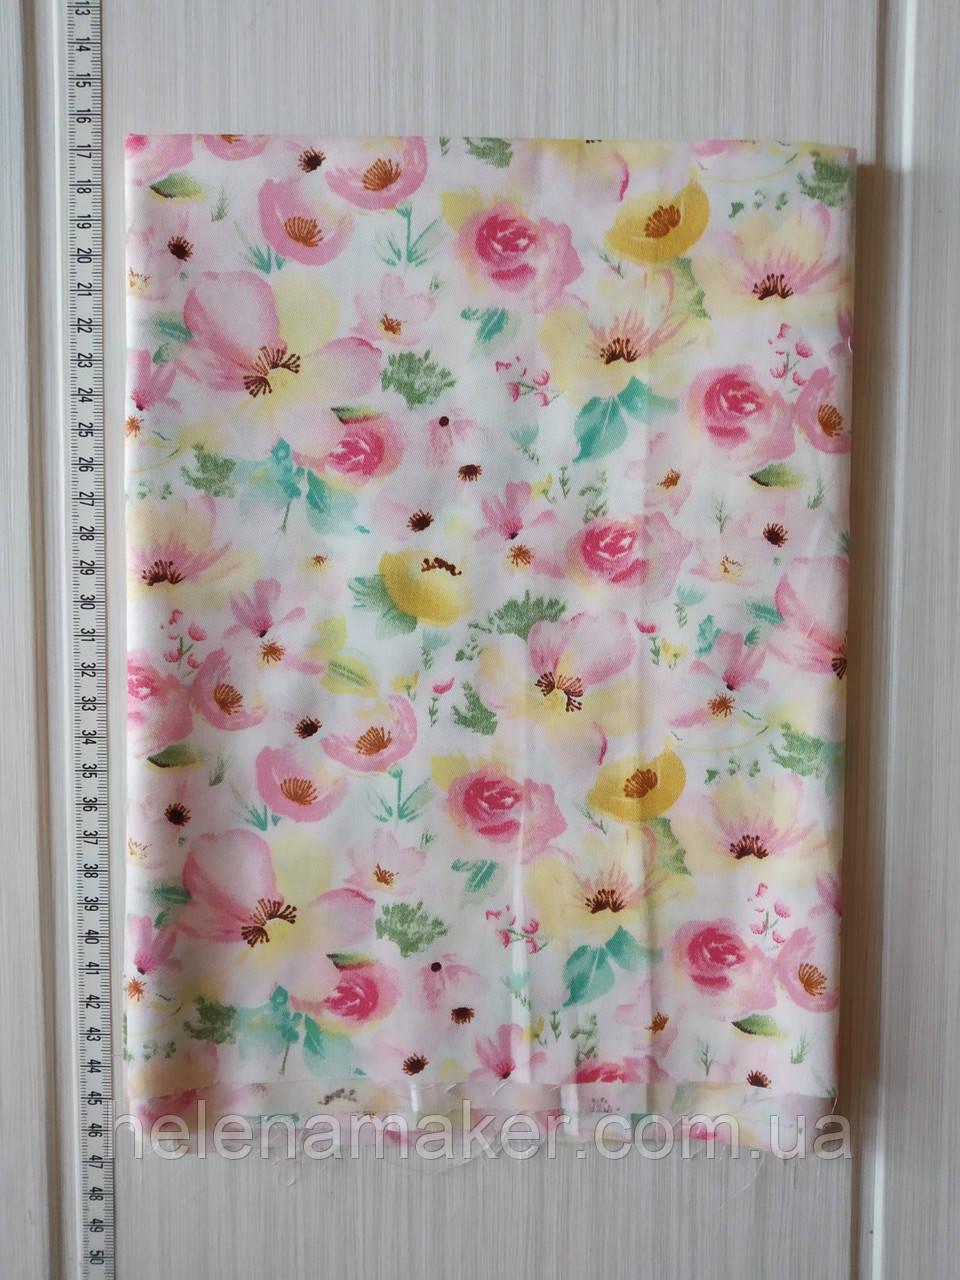 Акварельные розовые цветы. Отрез сатина 40*50 см.